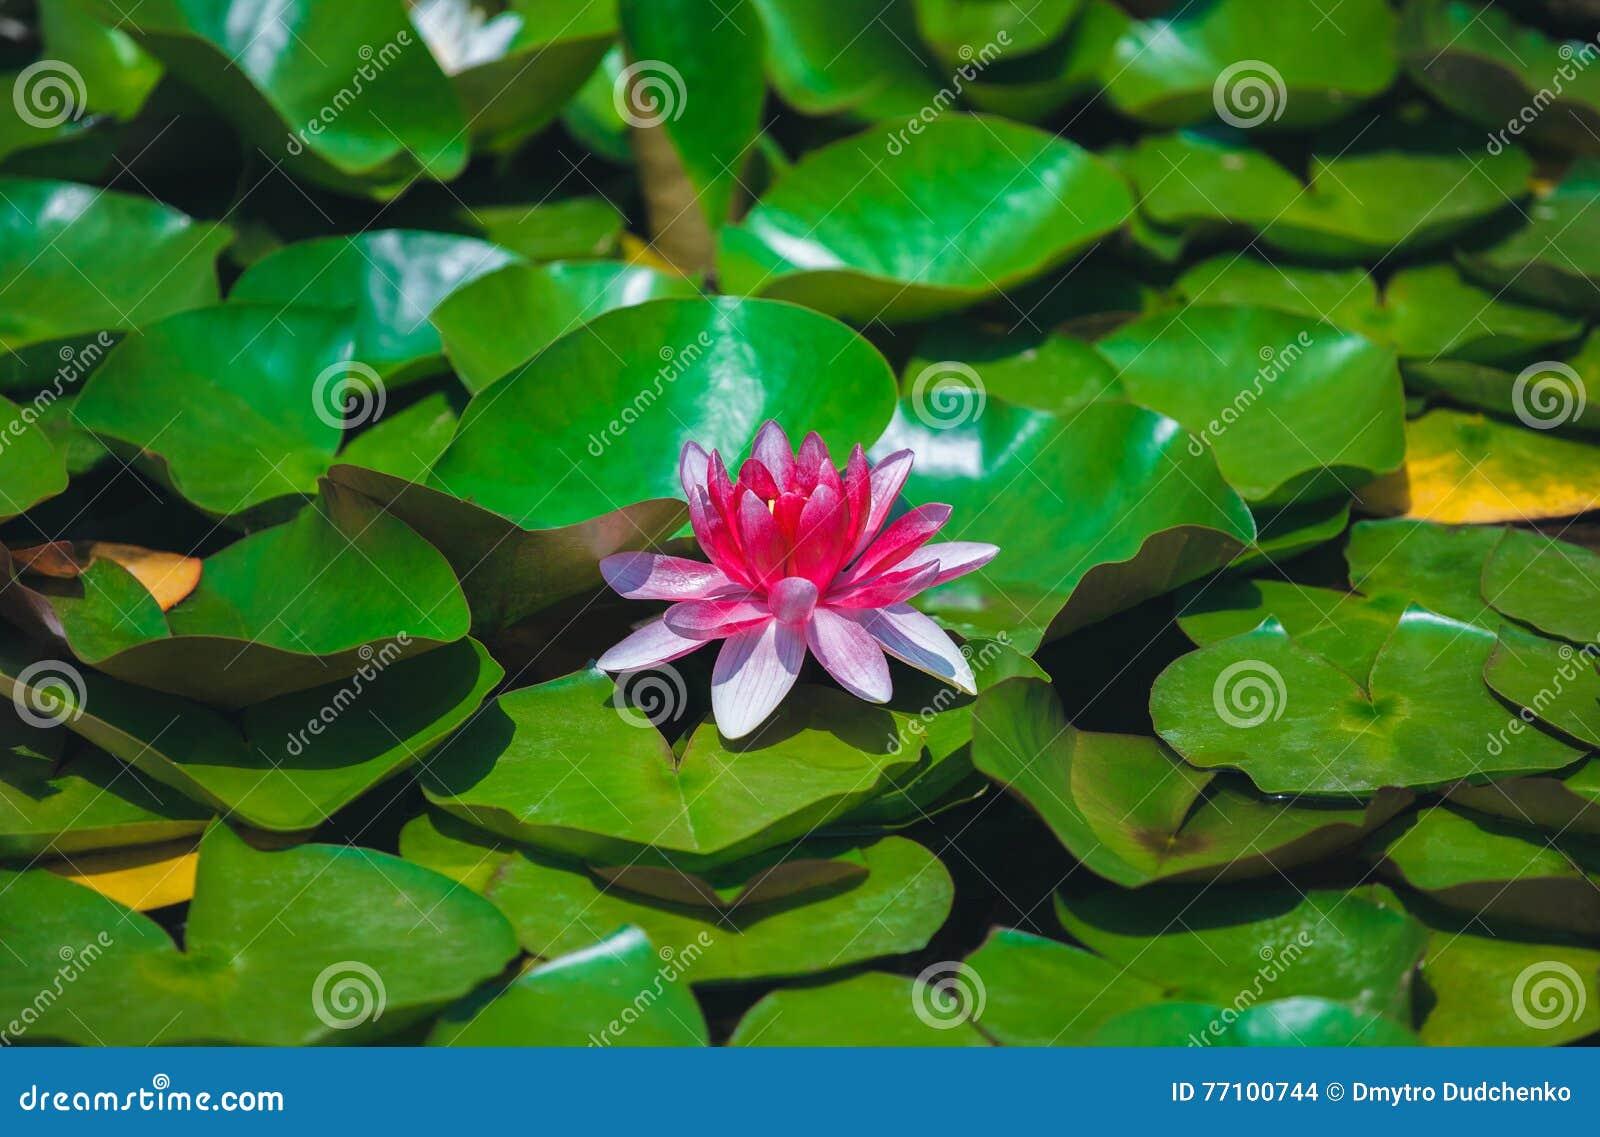 Lírio de água cor-de-rosa em uma lagoa quieta